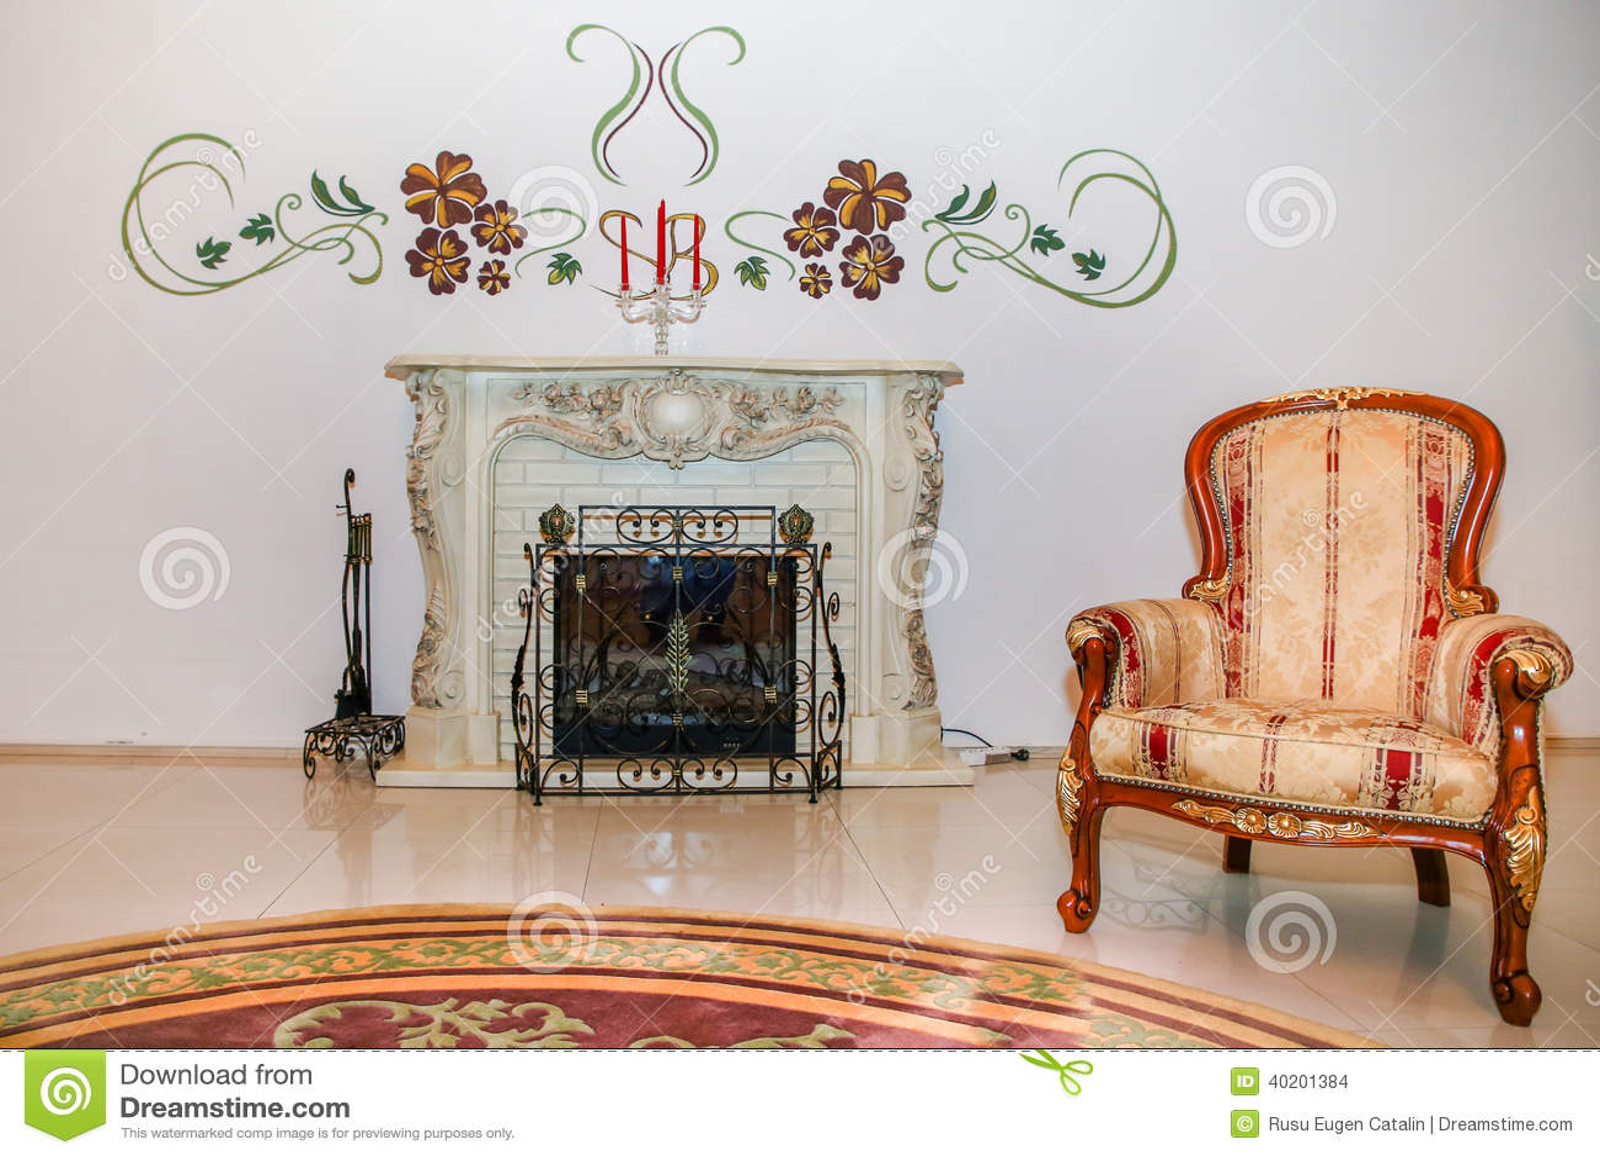 fauteuil de vintage pr s de la chemin e photo stock image 40201384. Black Bedroom Furniture Sets. Home Design Ideas